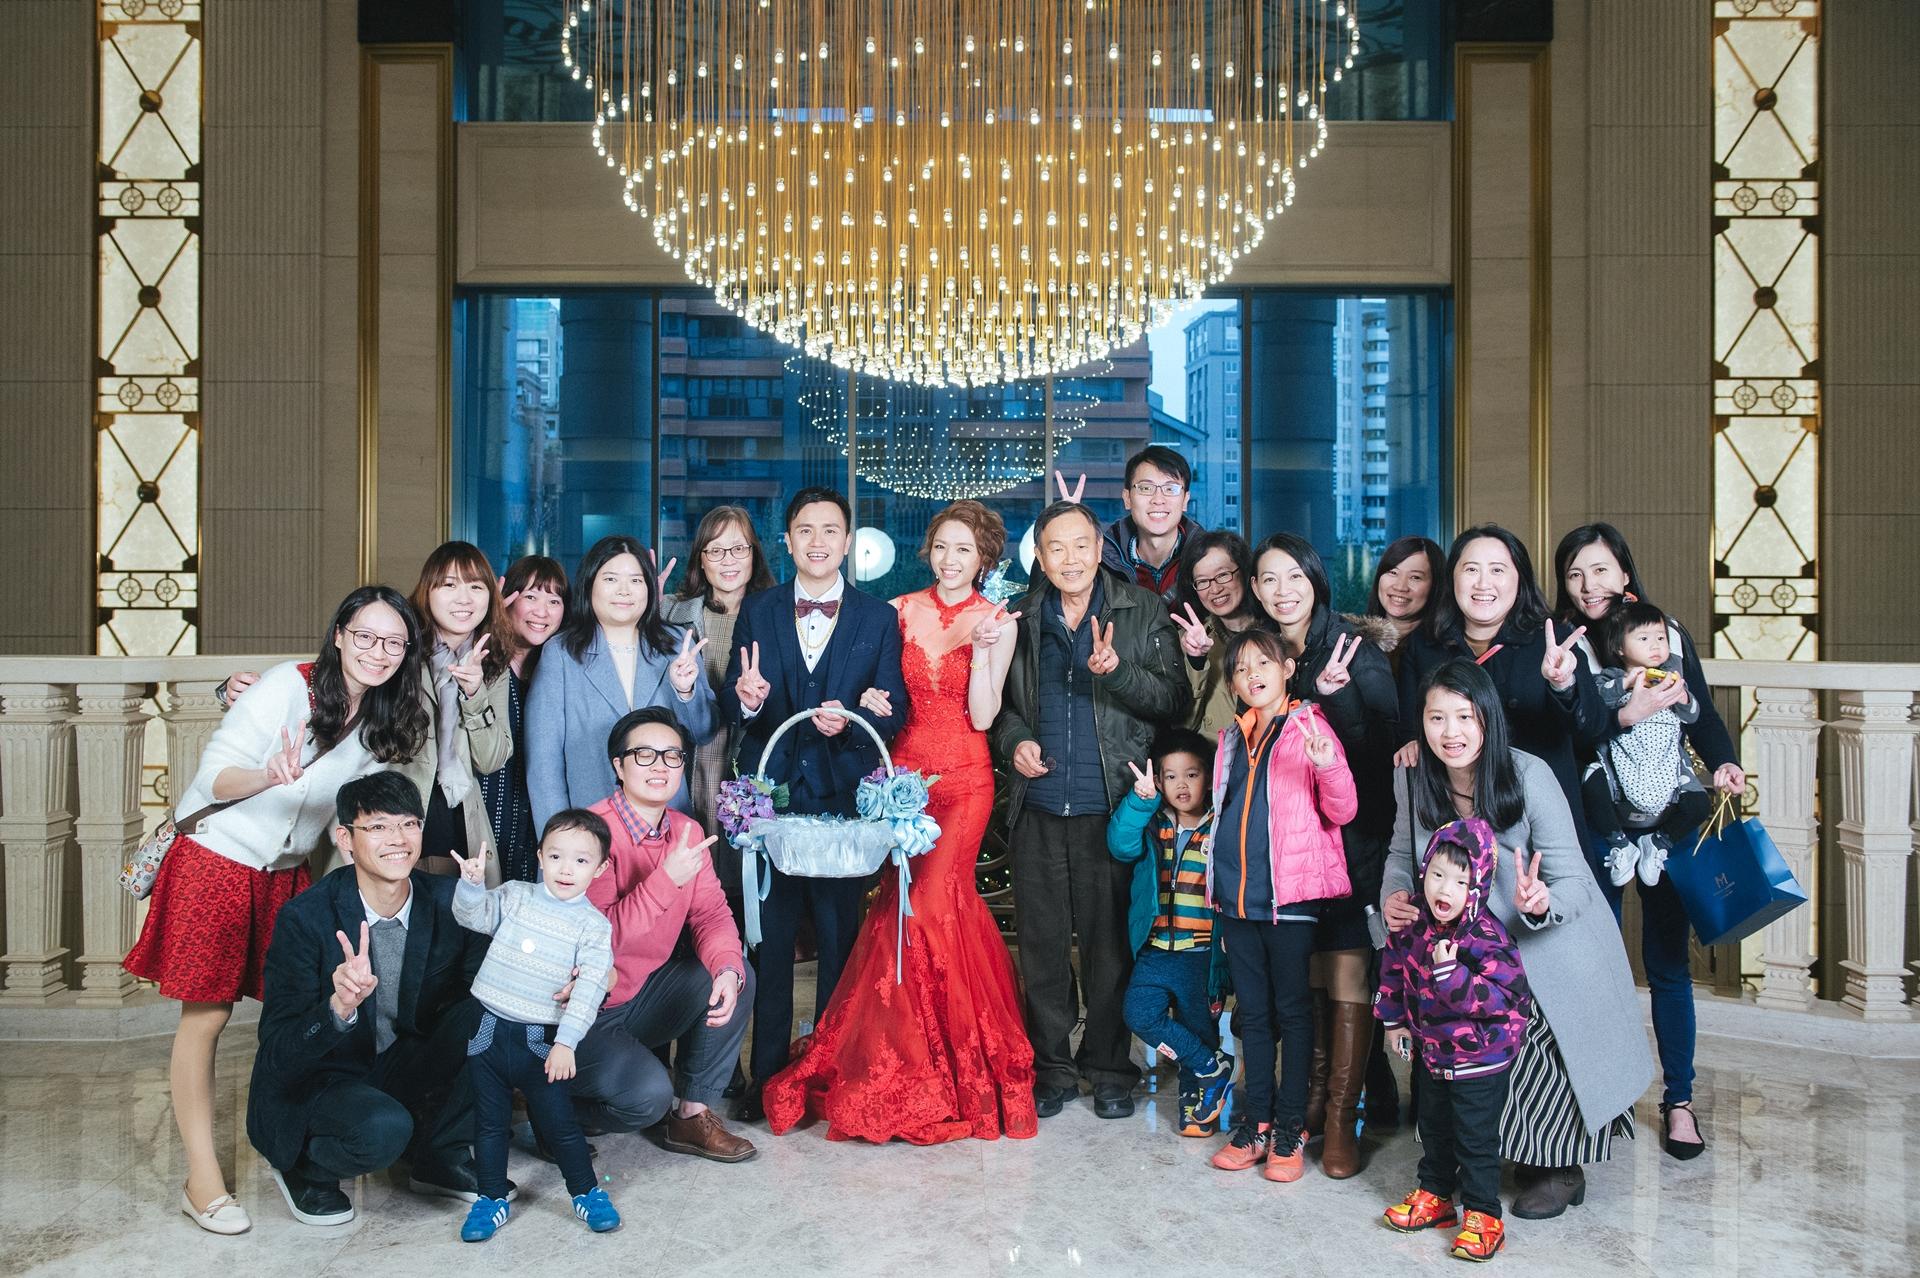 [婚禮紀錄-Fountain] 2019.12.07-台北美福大飯店